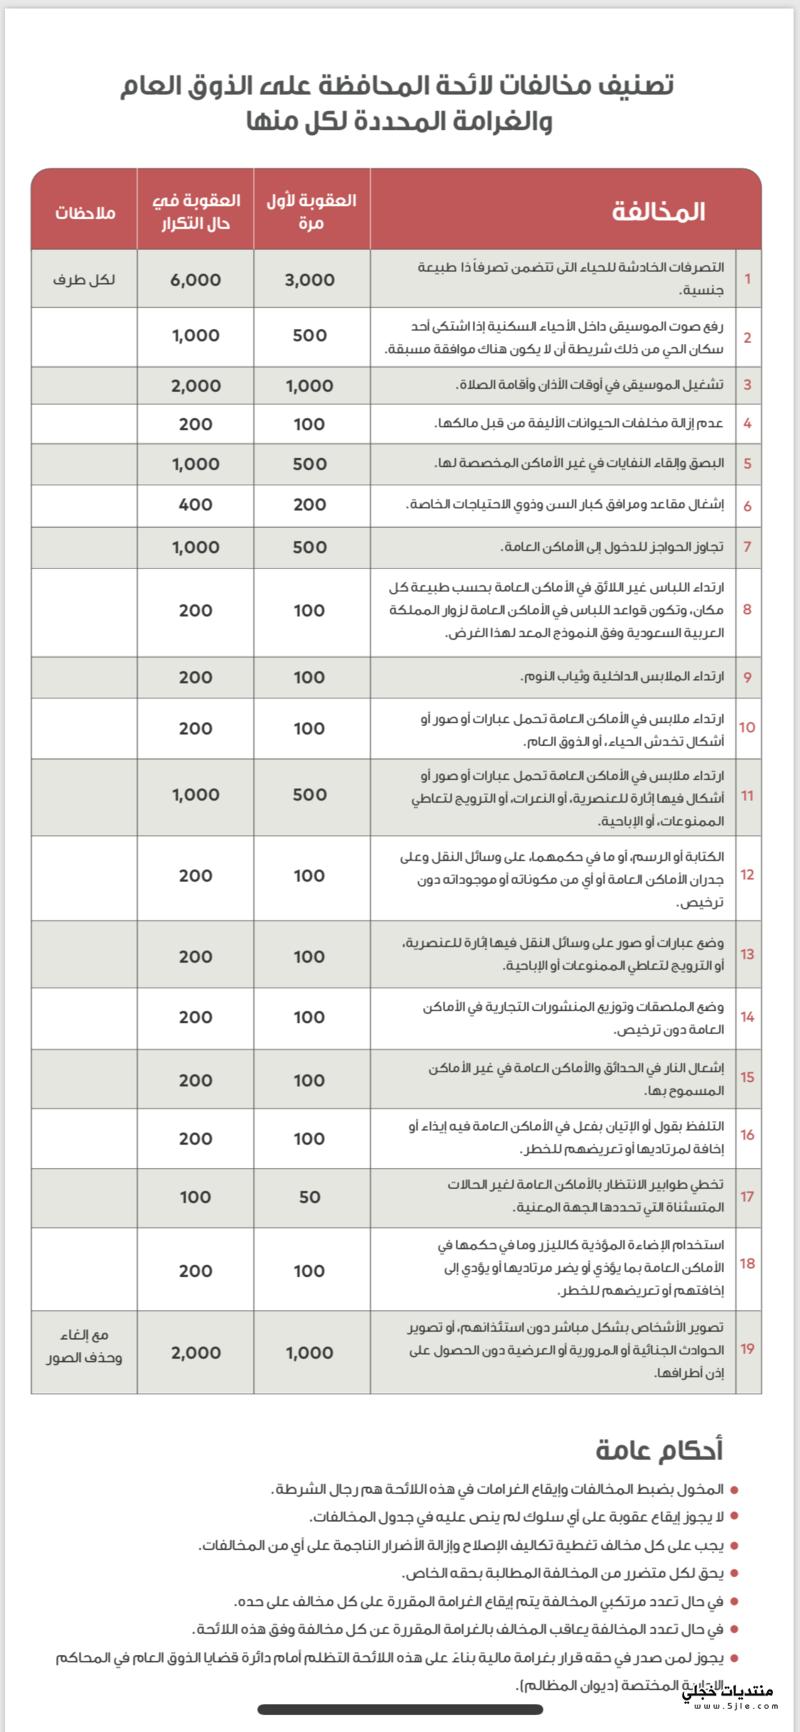 جدول مخالفات الذوق العام